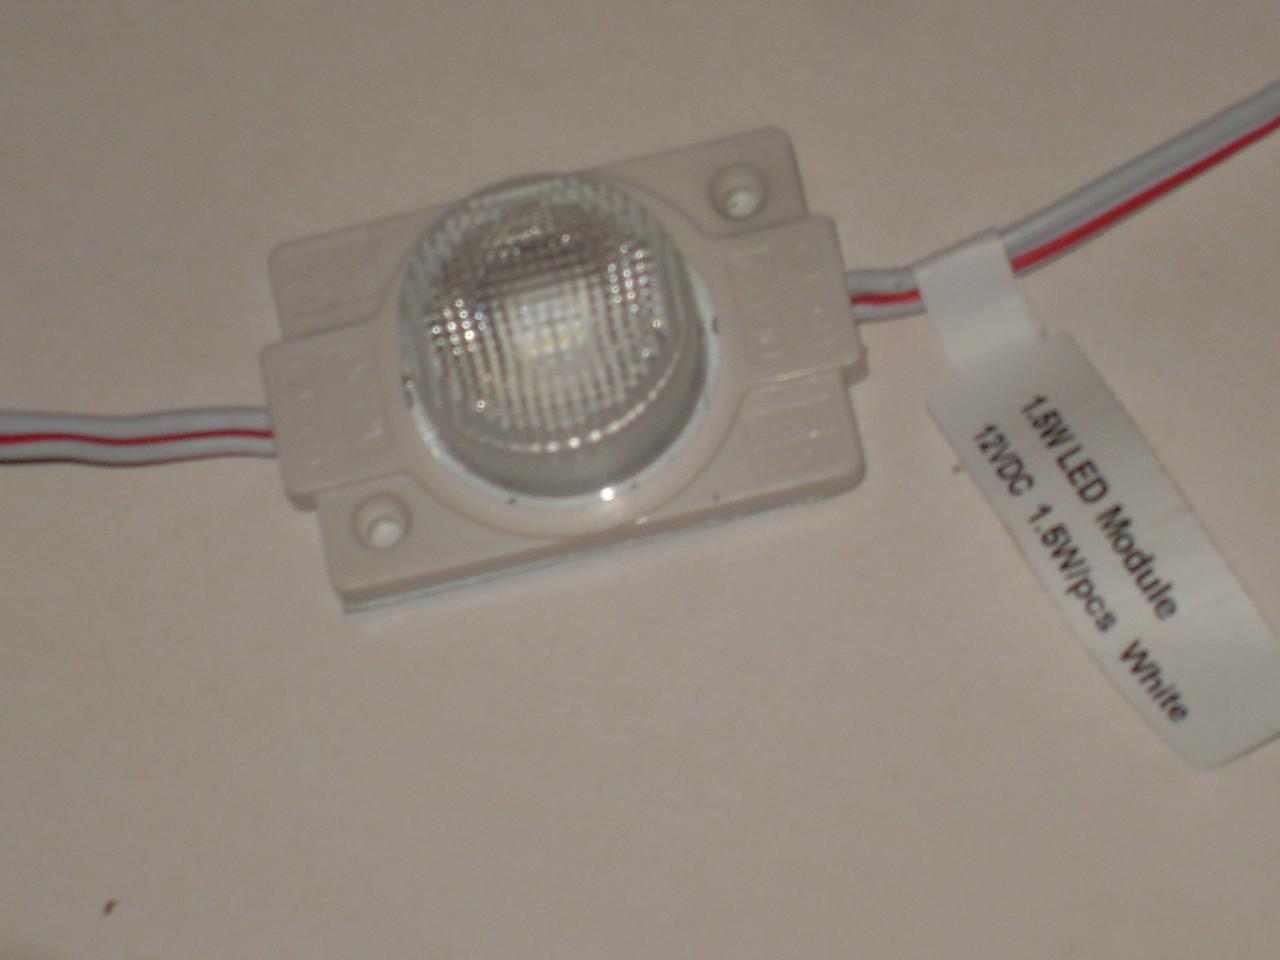 Світлодіодний модуль 1.32Вт 12вольт 6500К кут 10ºх60º кластер для торцевої підсвітки лайтбоксів